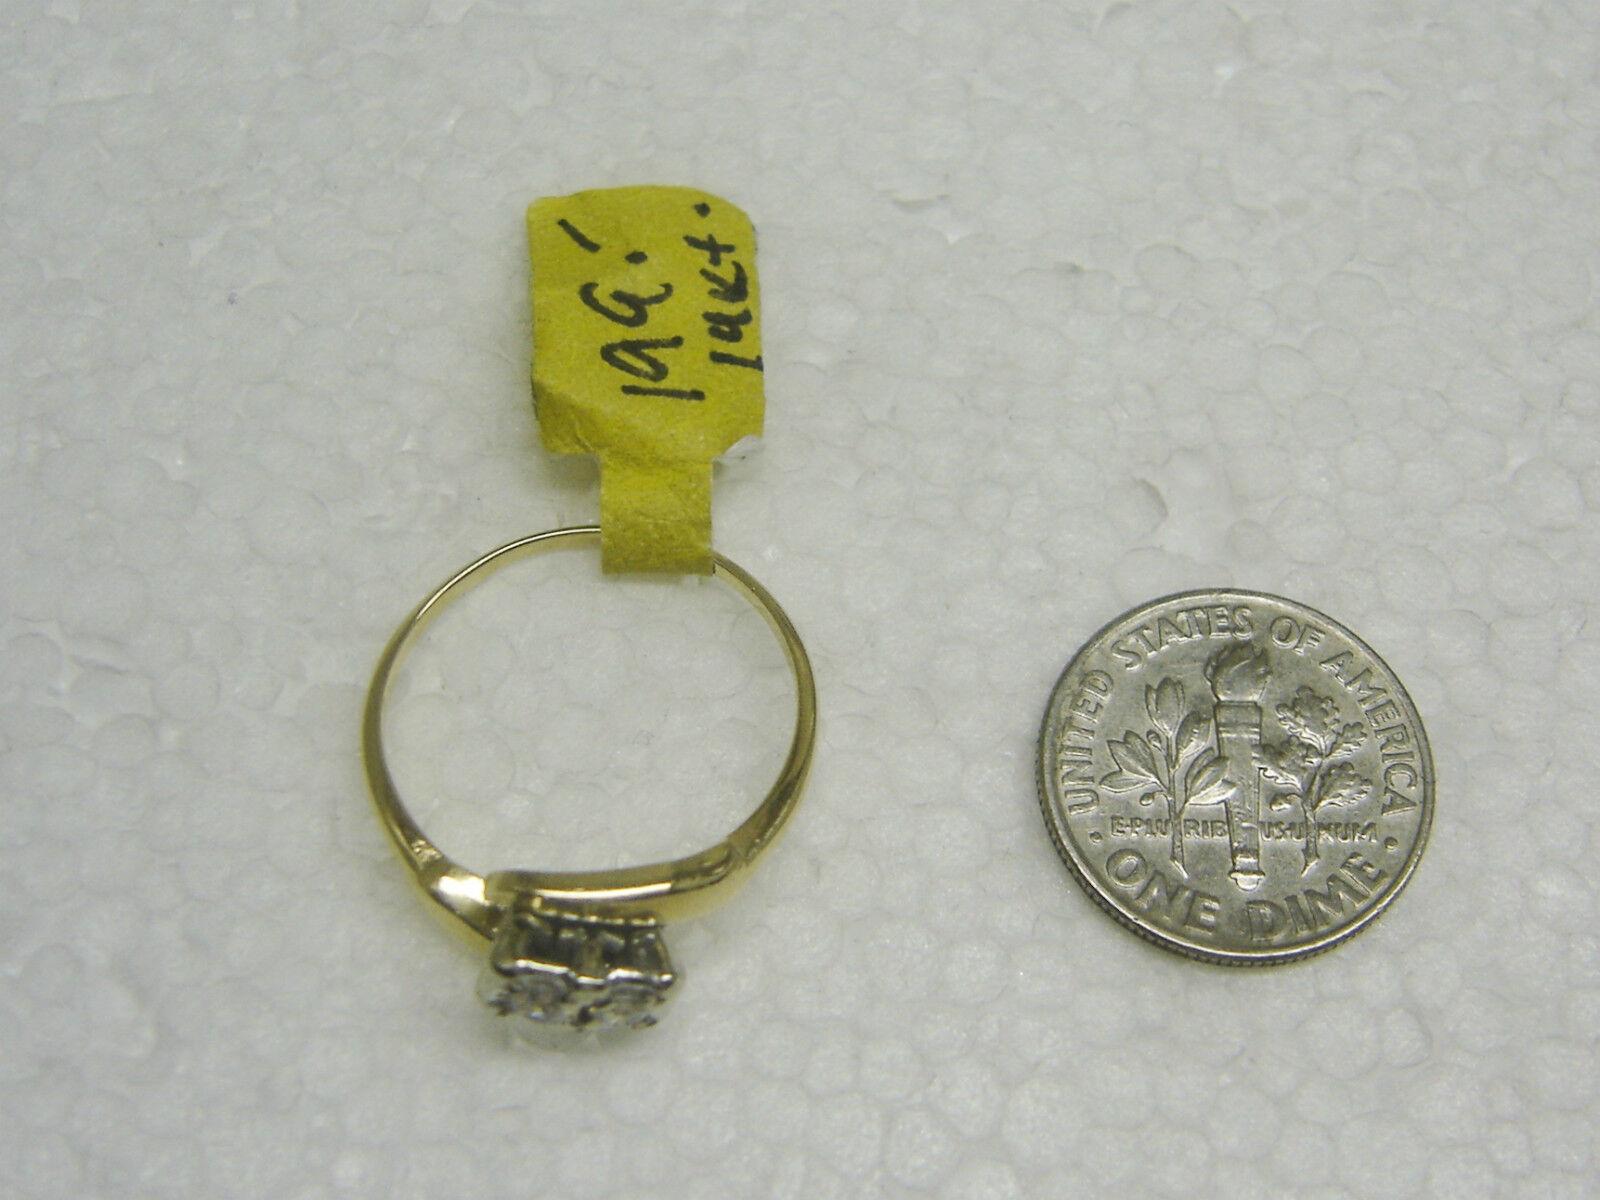 14k oro Giallo 2 Zircone Cubico Cubico Cubico Anello Taglia 7 1 2 Ng33-o 7c03fa